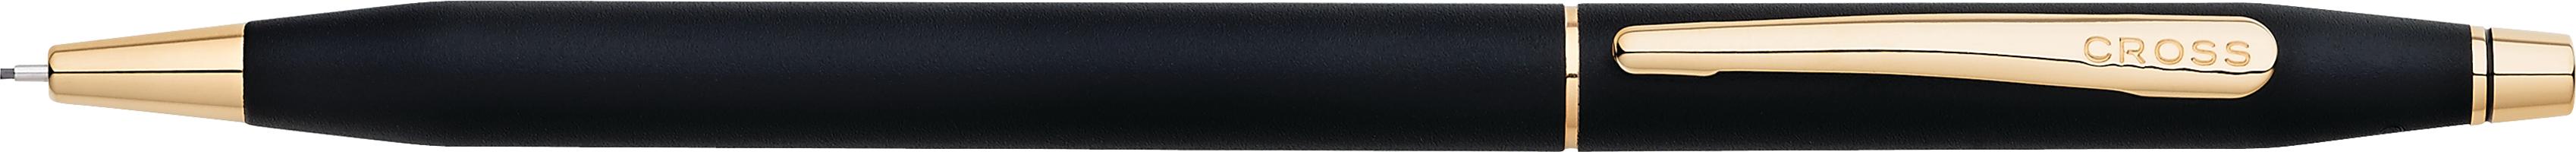 Classic Century Classic Black 0.7MM Pencil